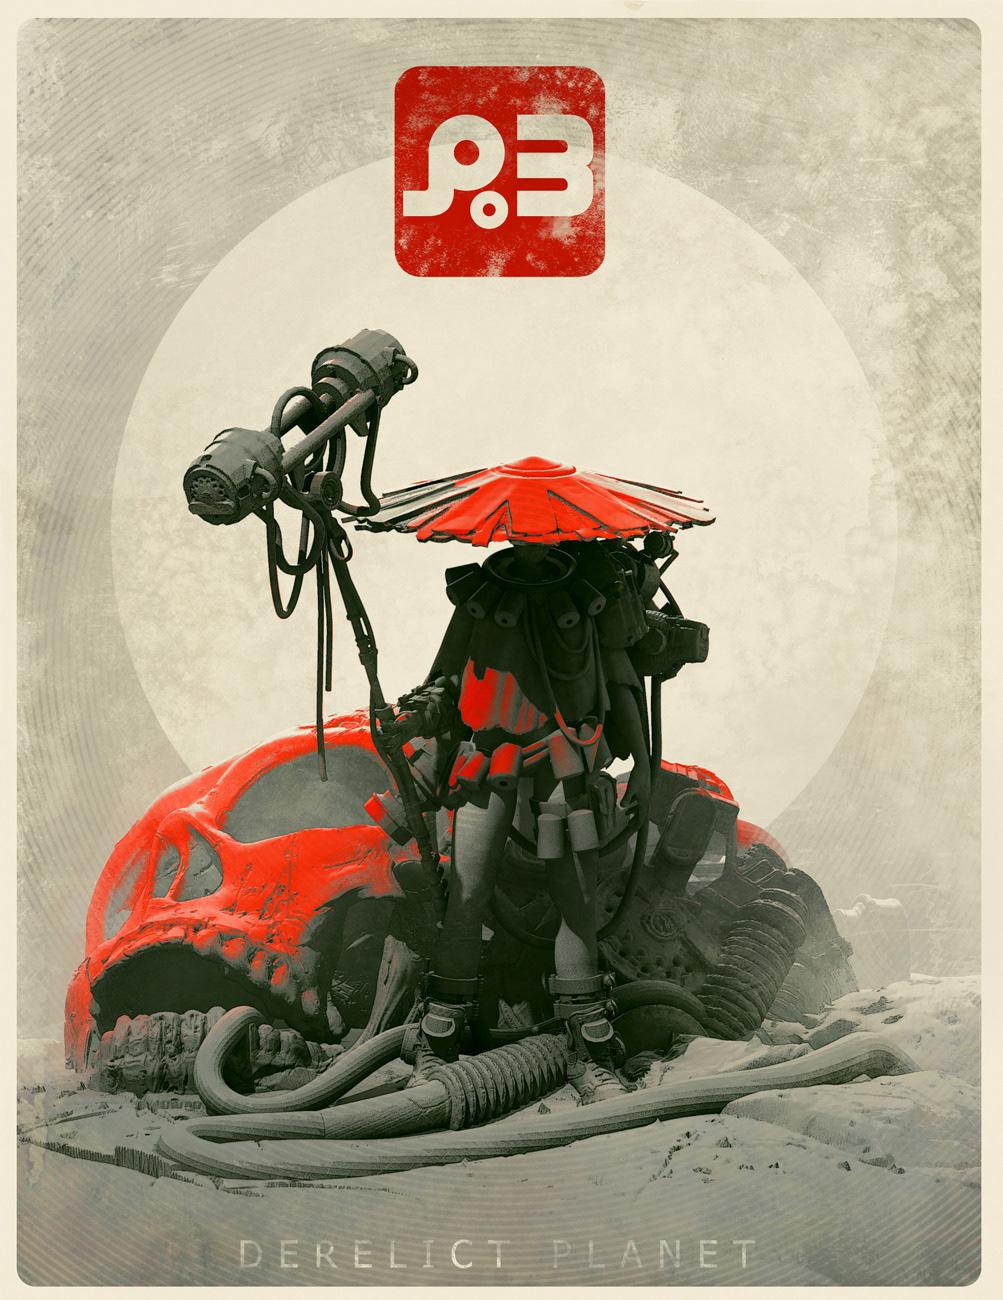 Digital Art  graphic design  design Scifi red art